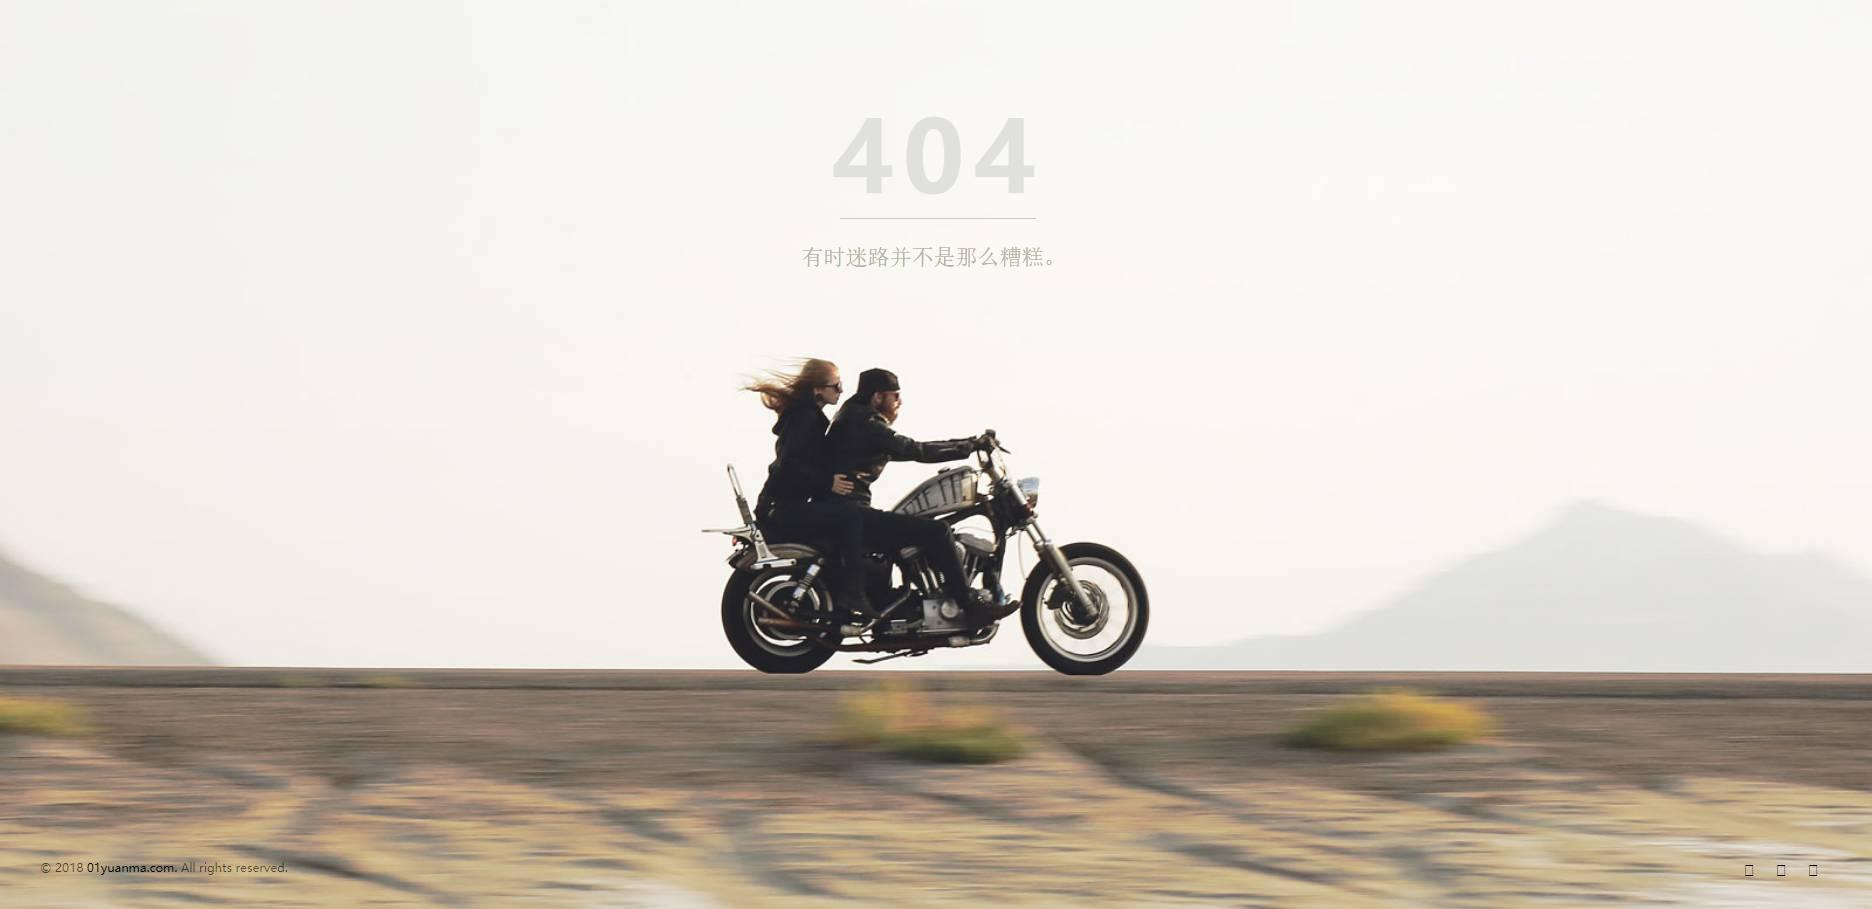 激情摩托情感纽带404页面html模板